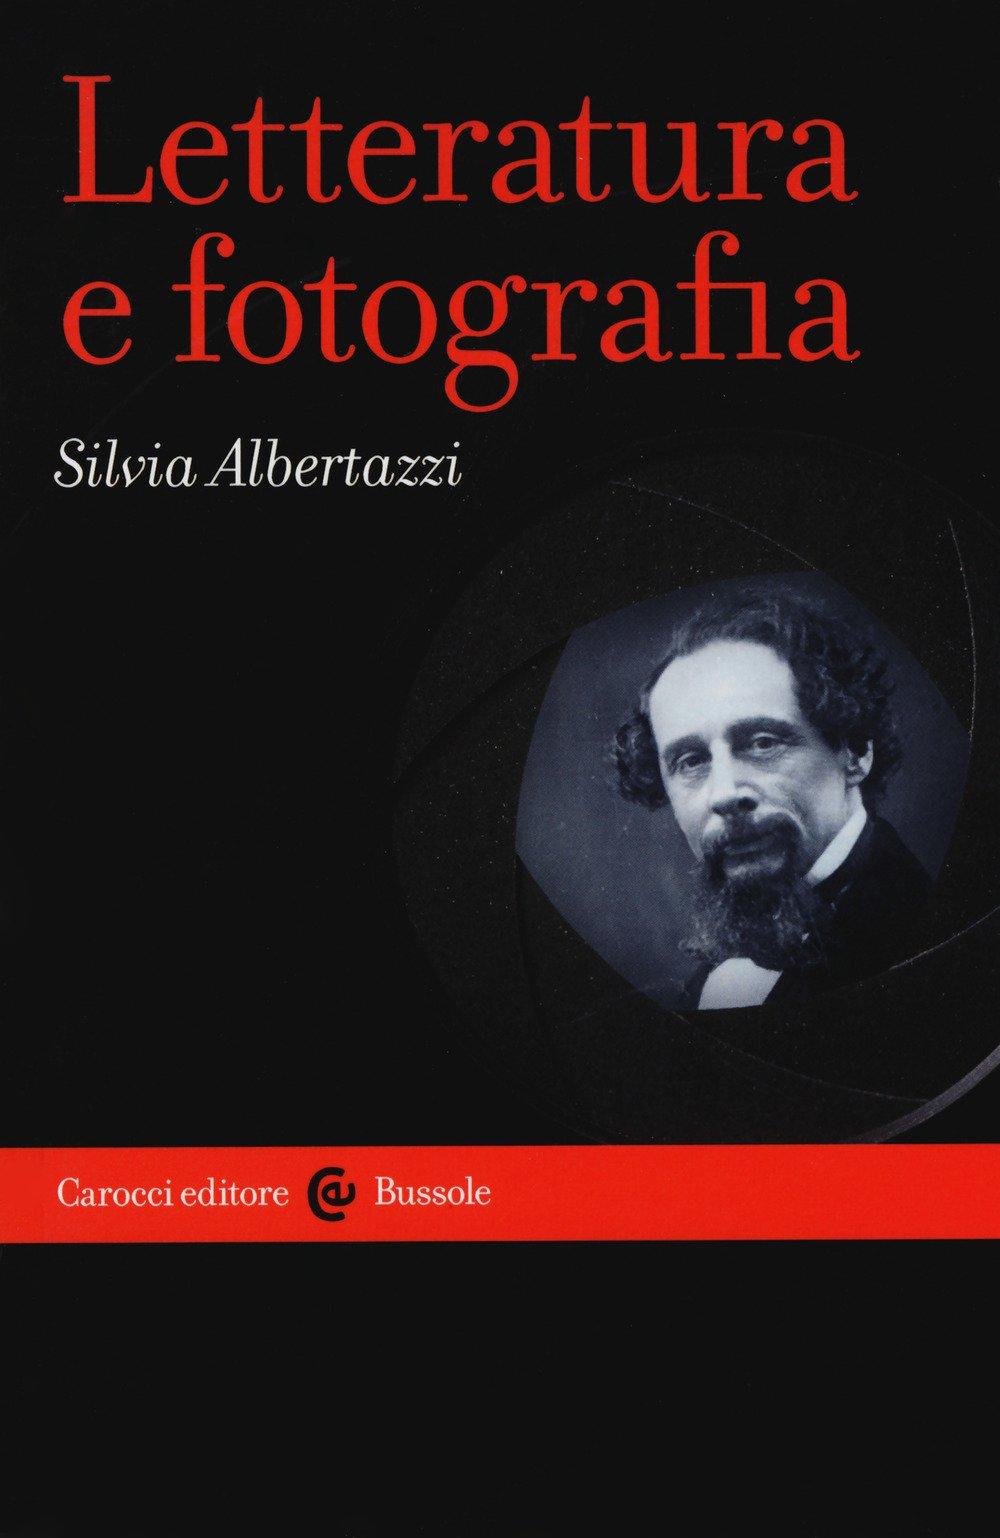 Copertina del volume Letteratura e fotografia